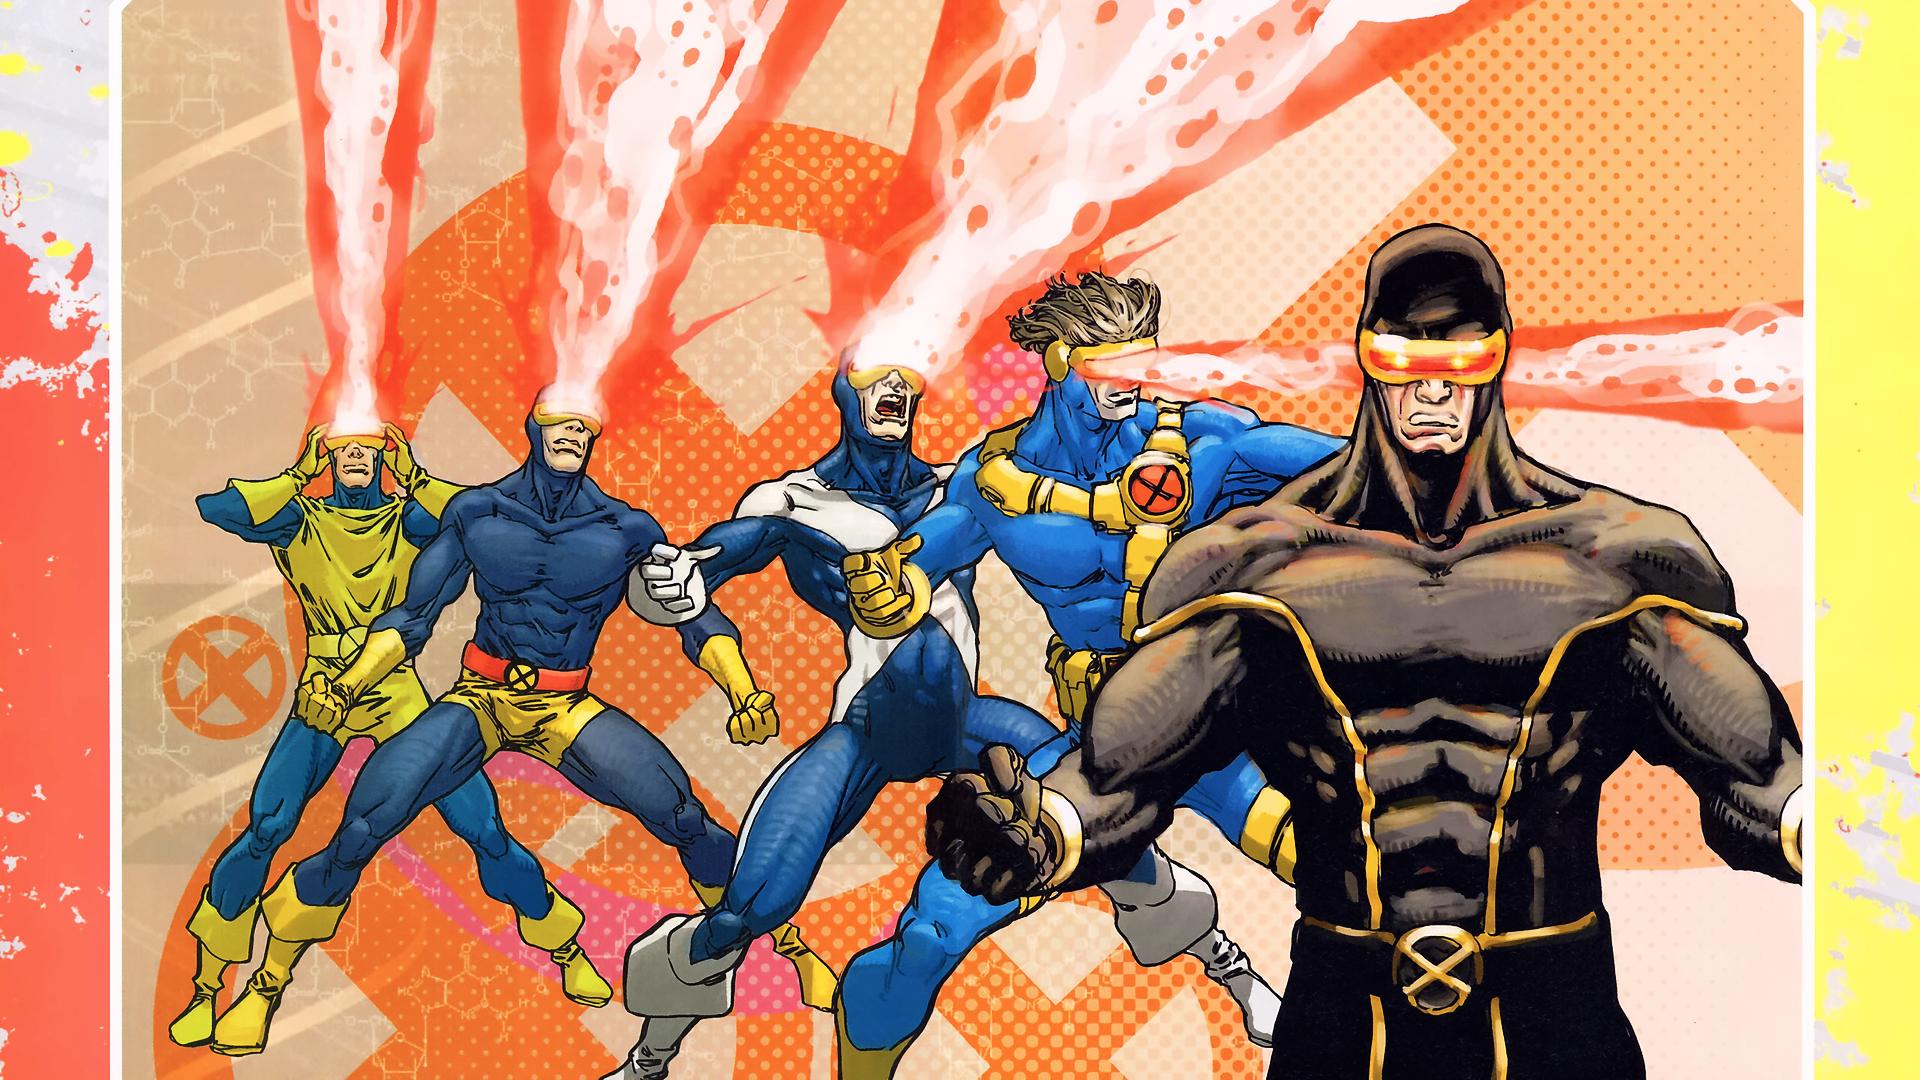 X-men-1920x1080-danasrgb-top-wallpaper-wp38012284